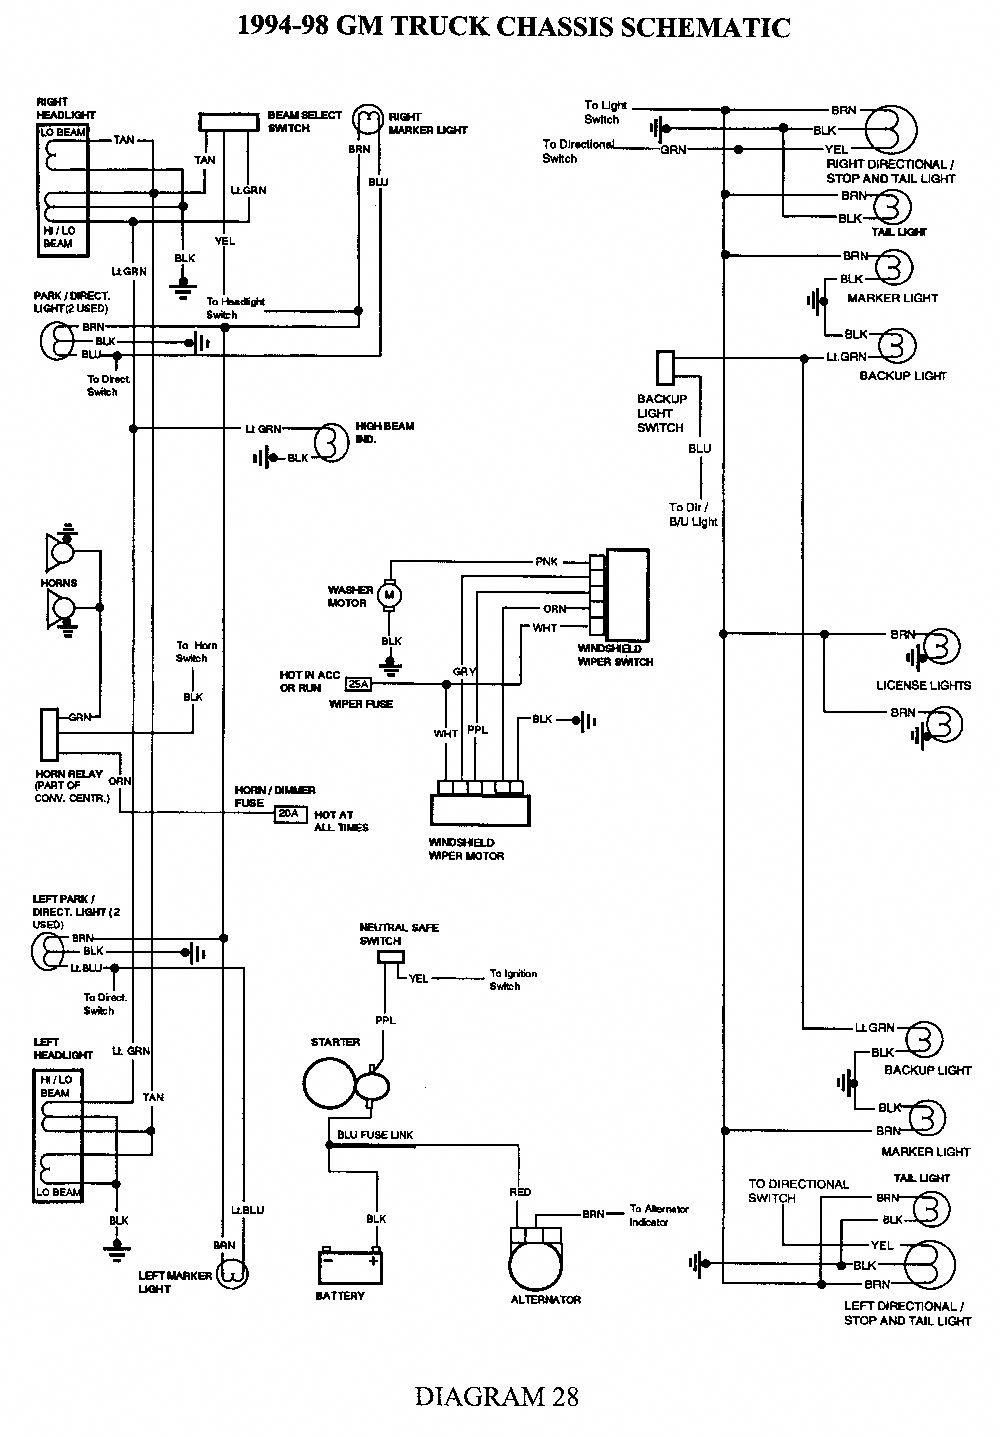 2001 S10 Tail Light Wiring Diagram Gota Wiring Diagram